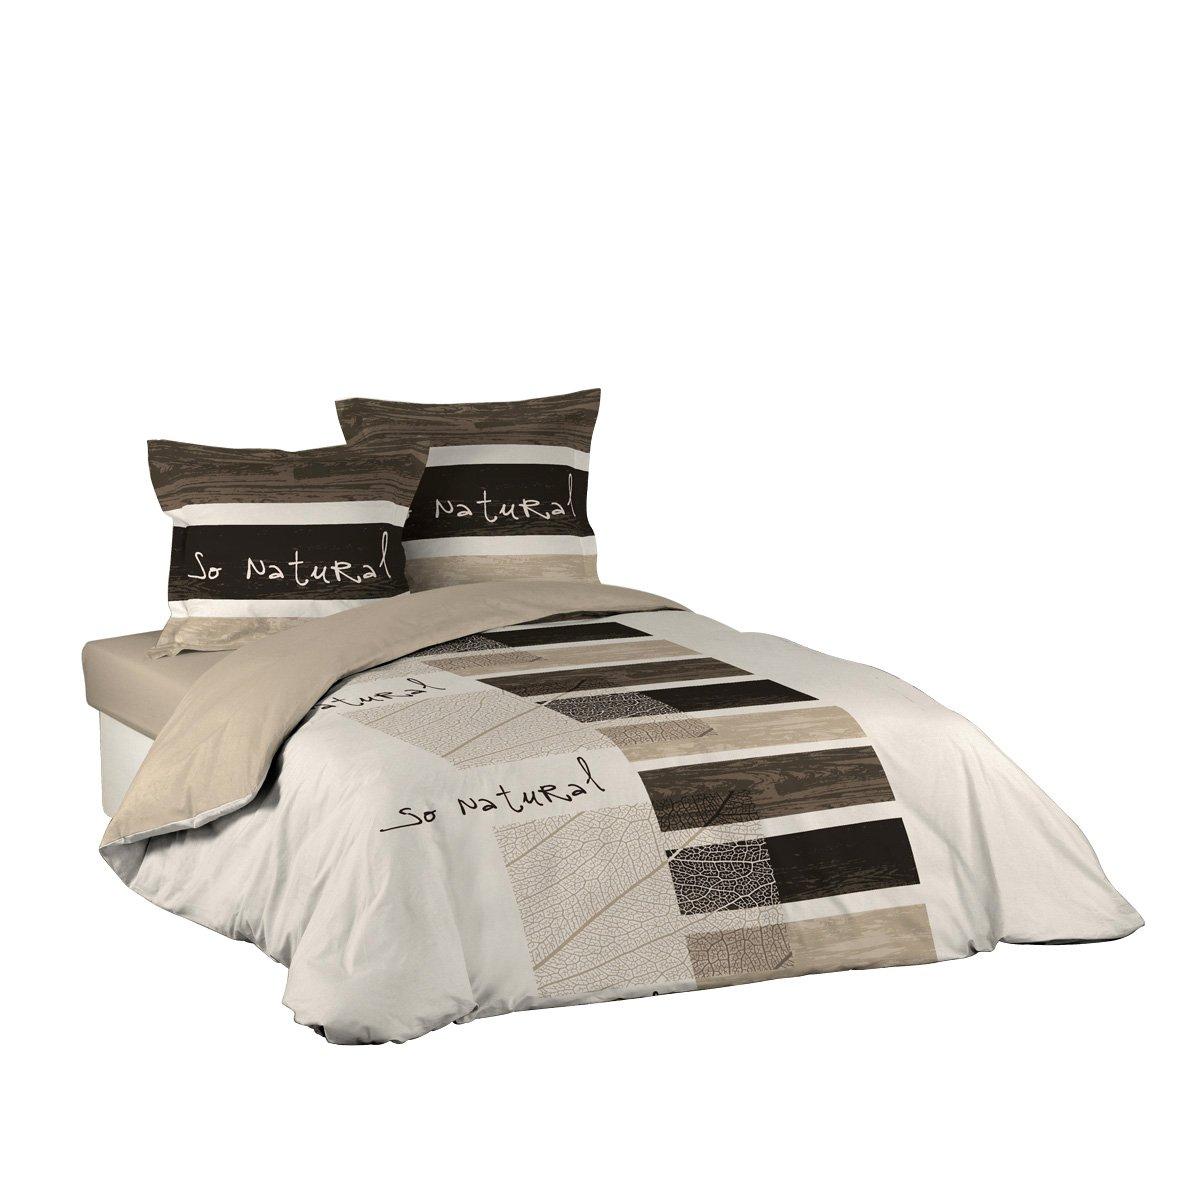 couette naturelle linge de lit Douceur d'Intérieur Parure de Lit 2 personnes Housse de Couette  couette naturelle linge de lit